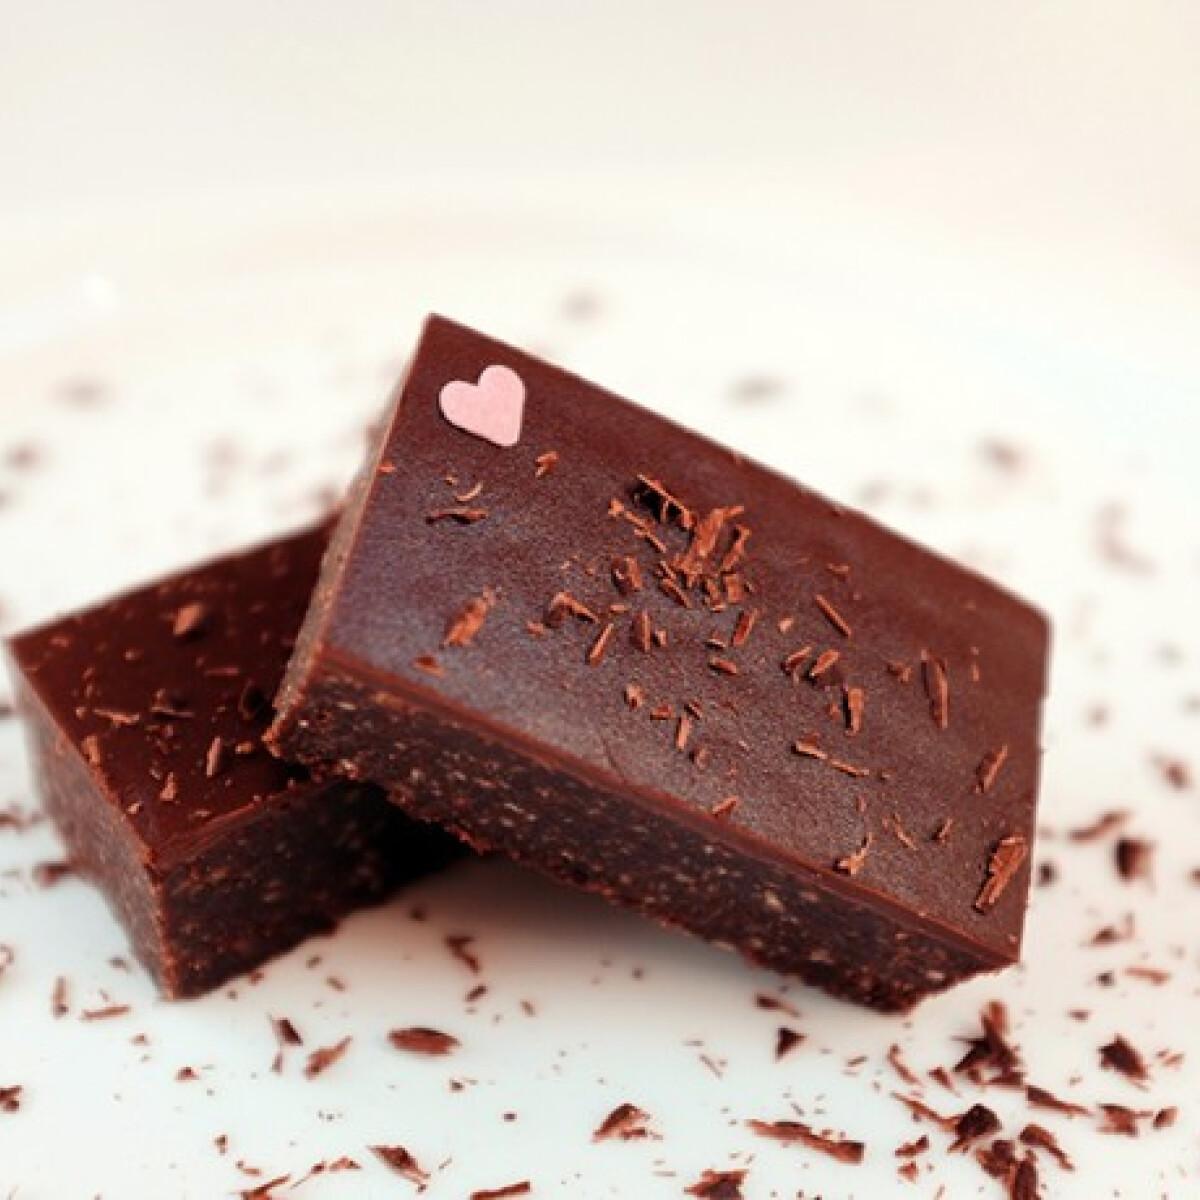 Csokis-kekszes vendégváró szelet